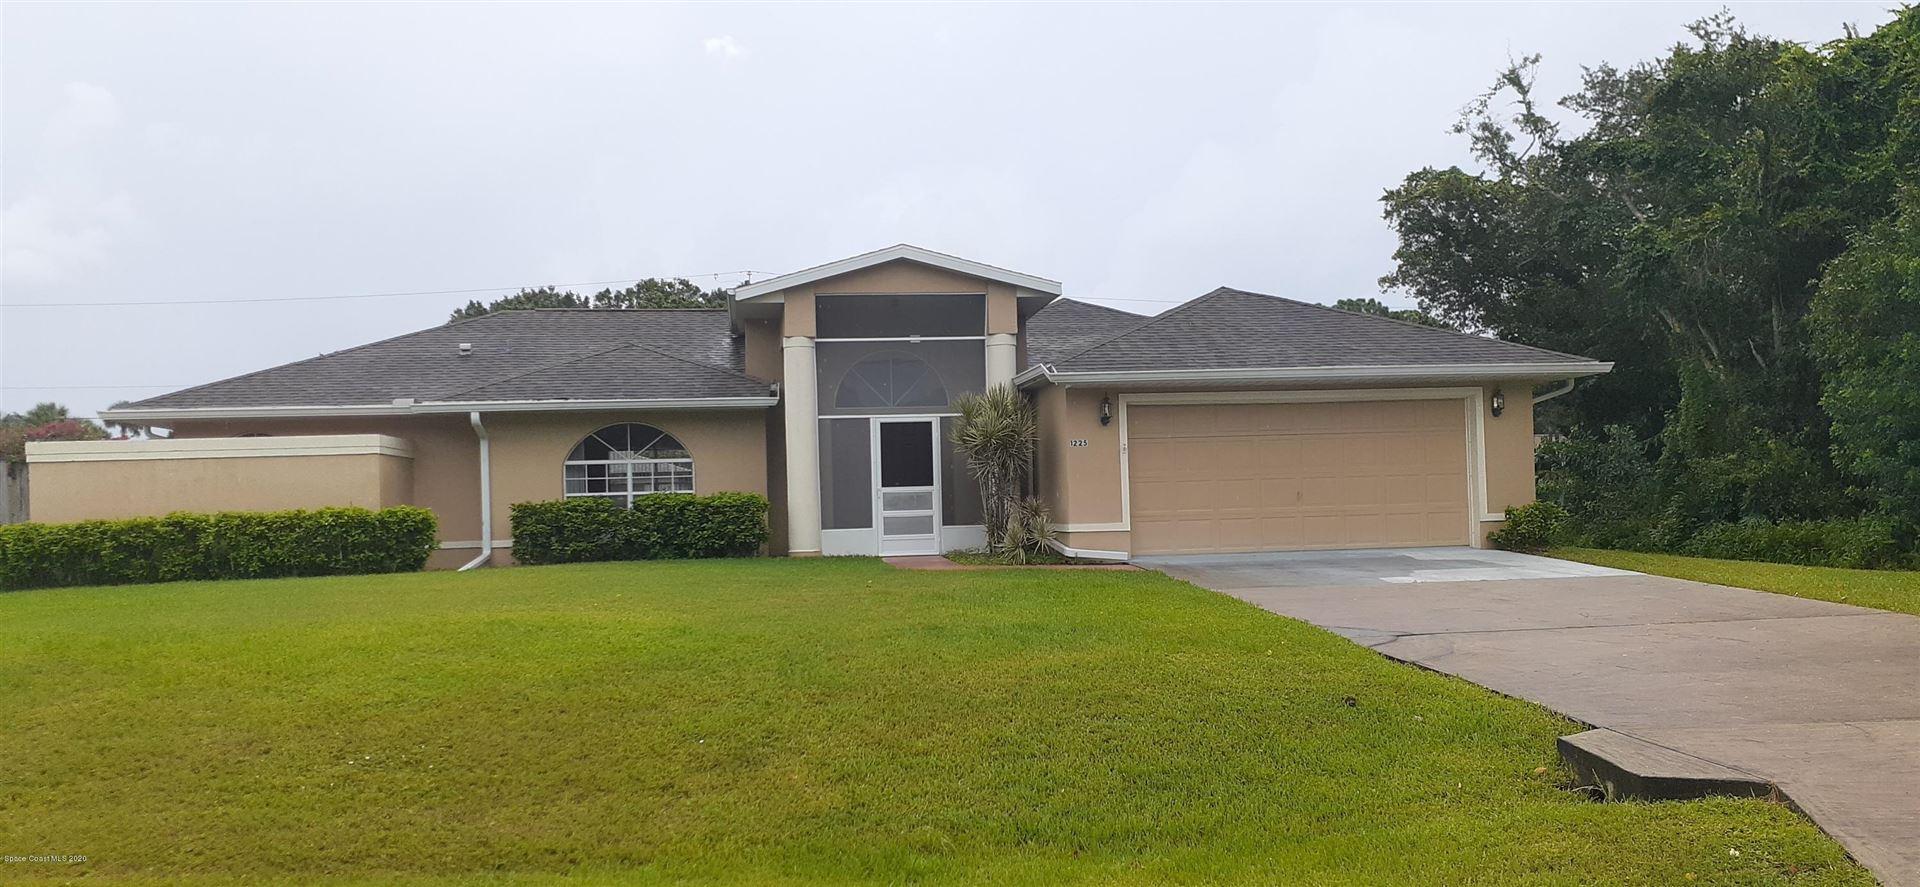 1225 N Drill Avenue, Palm Bay, FL 32907 - MLS#: 881147